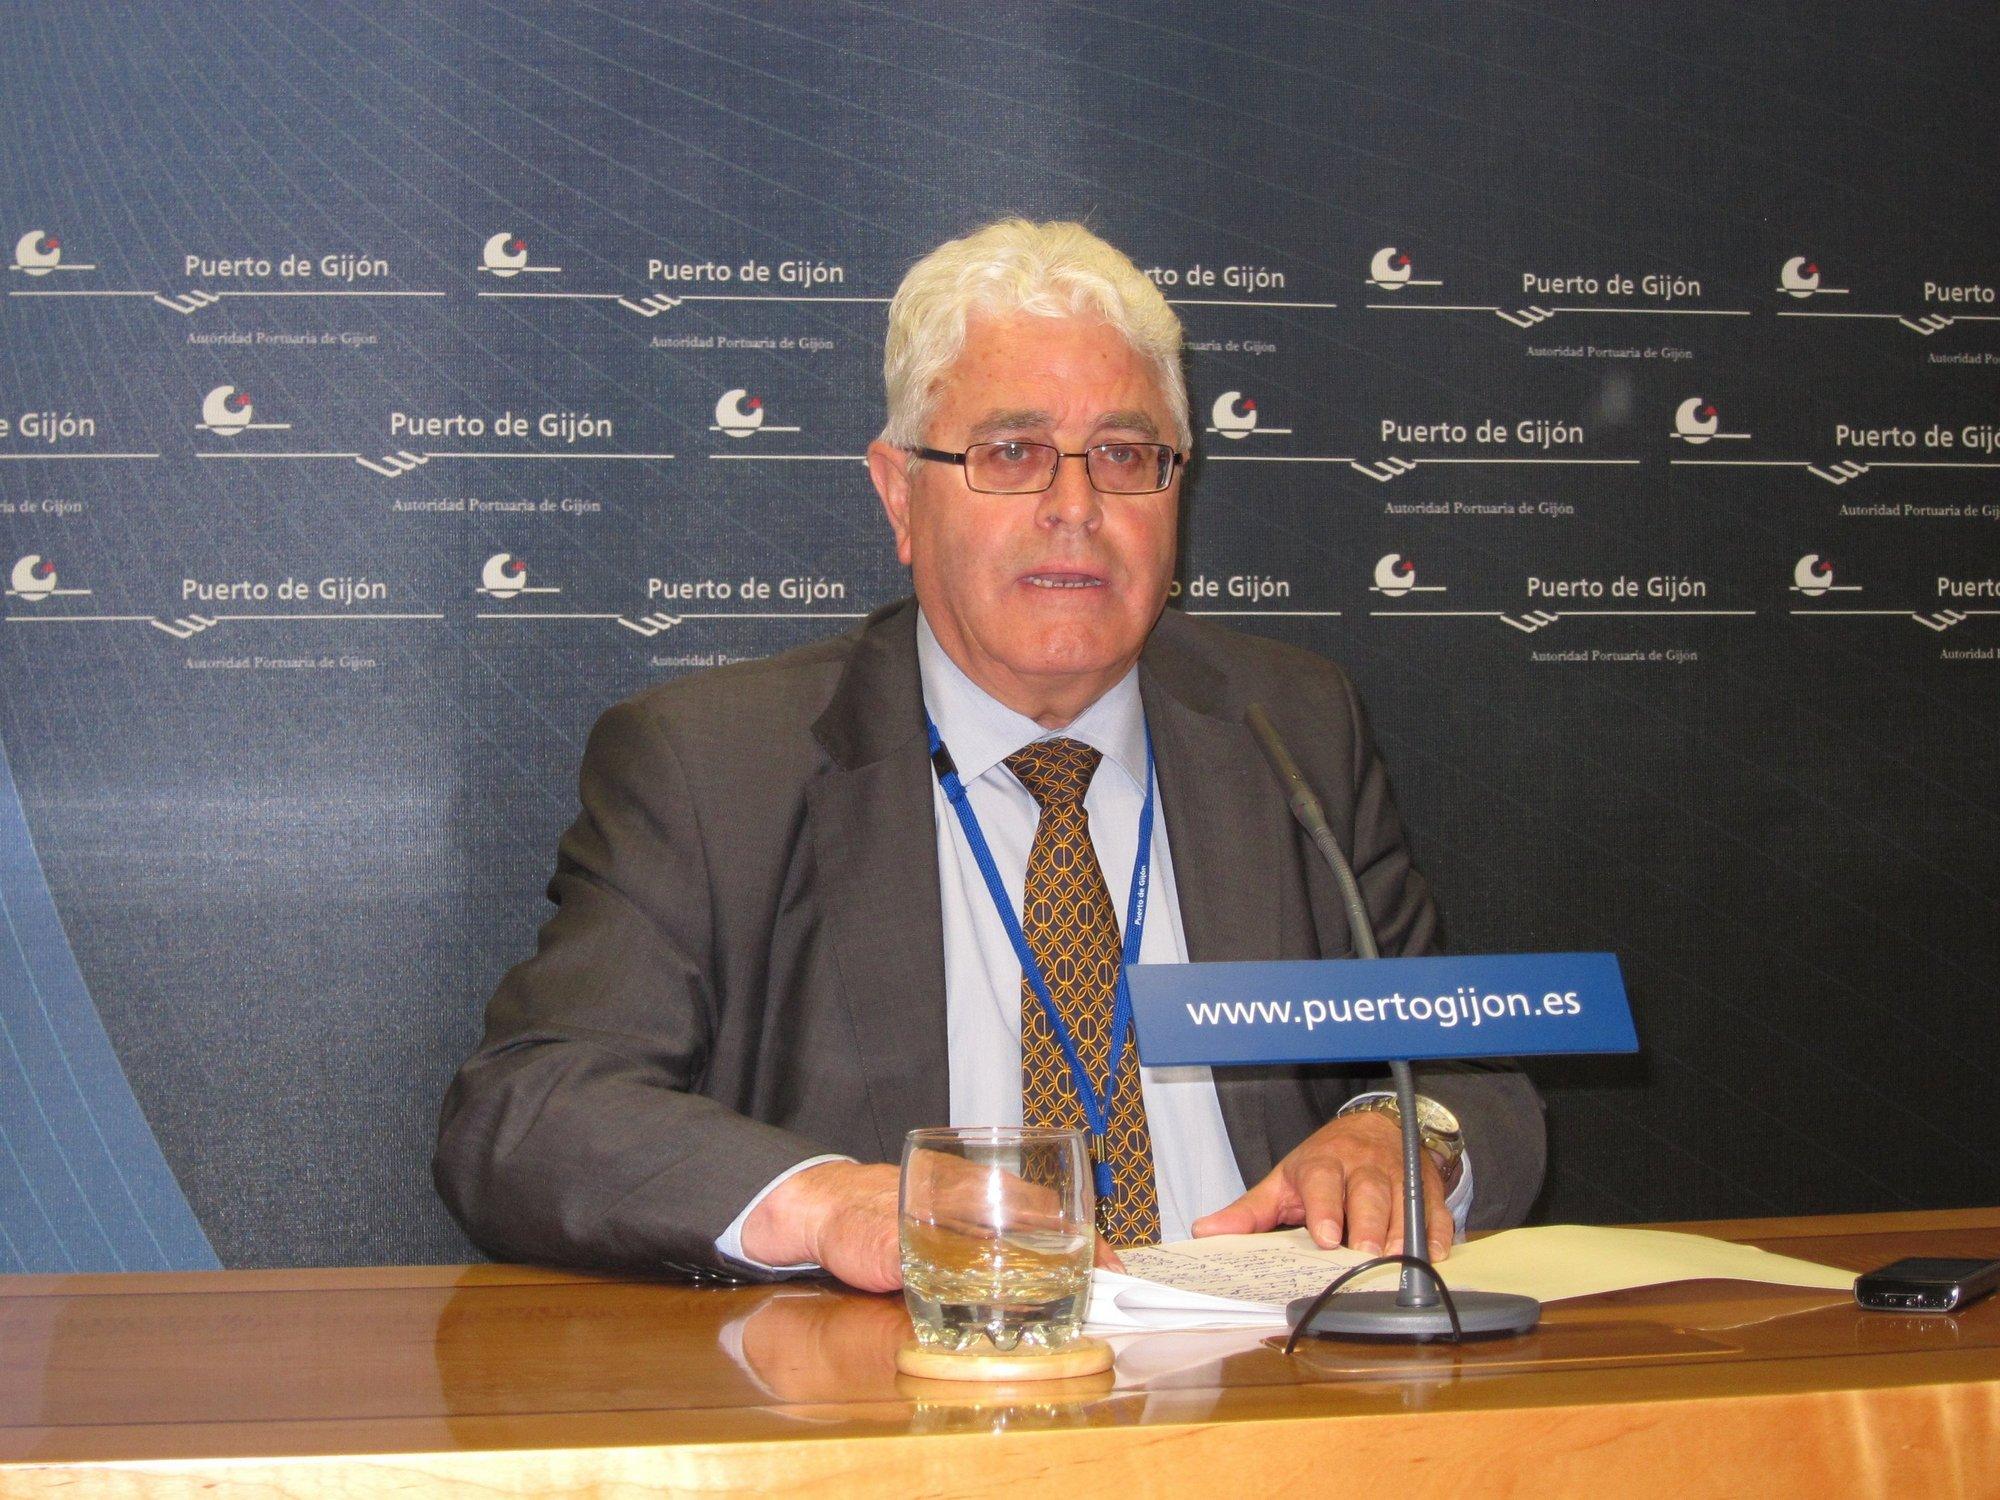 Menéndez achaca la subida de tasas del 30% a la situación «insostenible» heredada de la dirección anterior